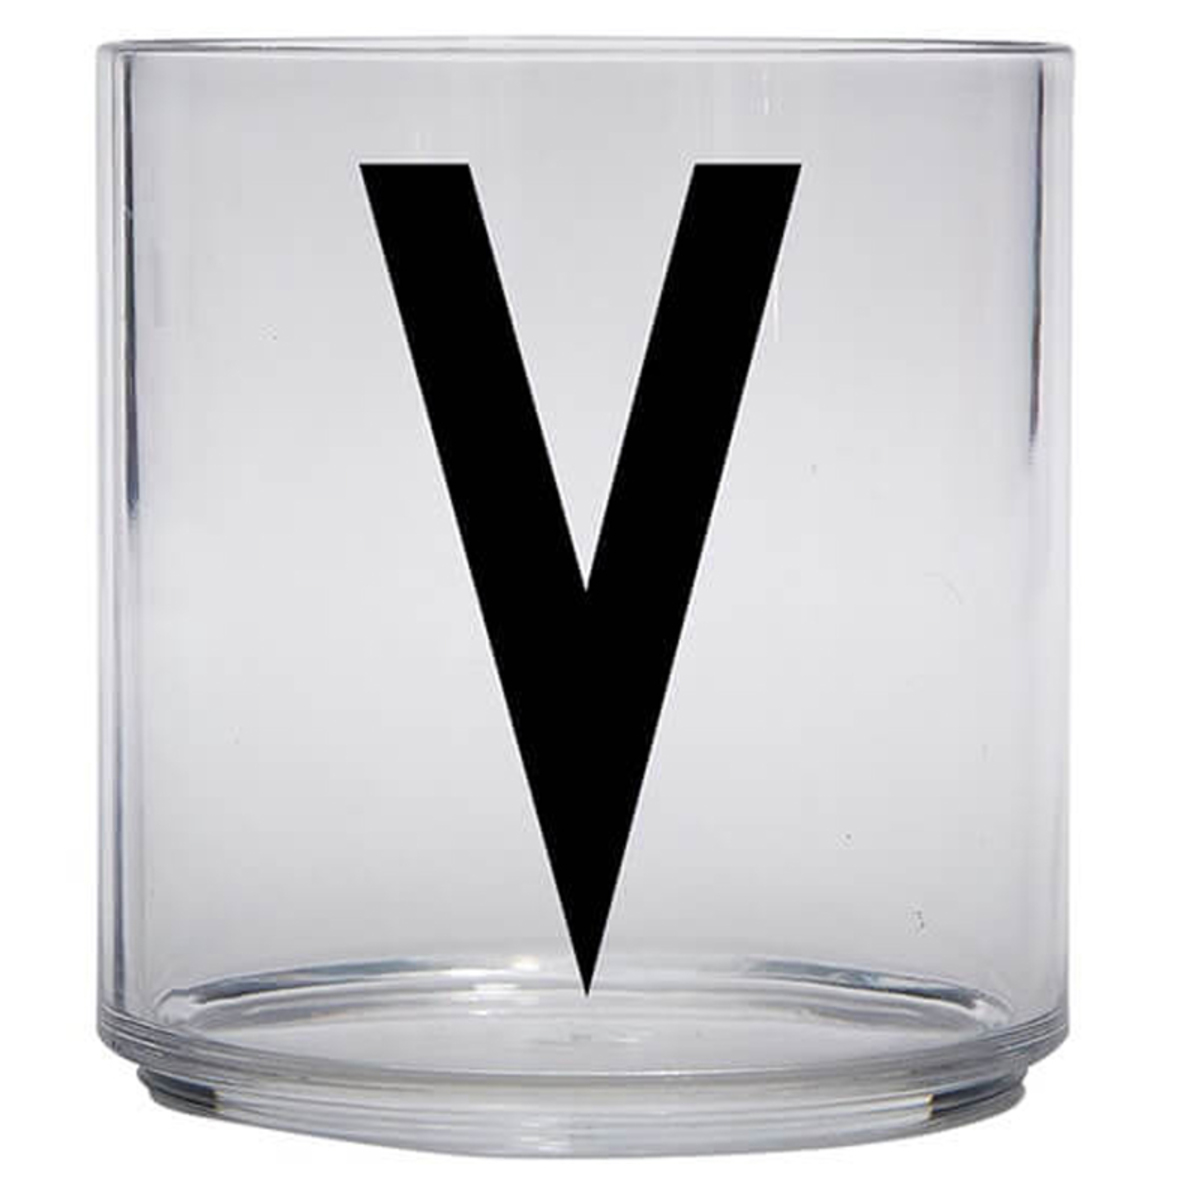 Tasse & Verre Verre Transparent V - 220 ml Verre Transparent V - 220 ml